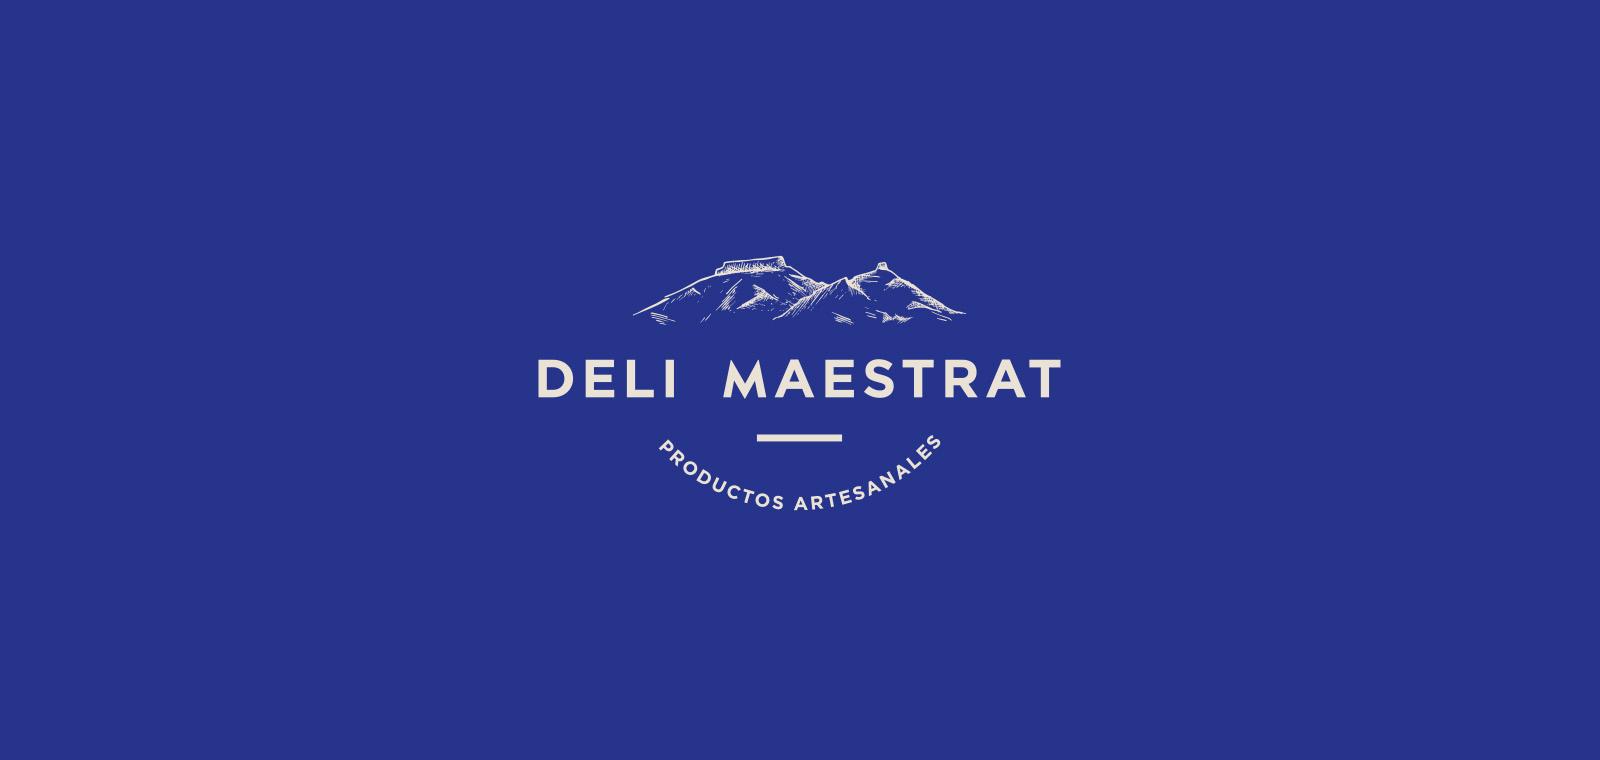 Deli Maestrat es el diseño de un logo para productos artesanales de alimentación